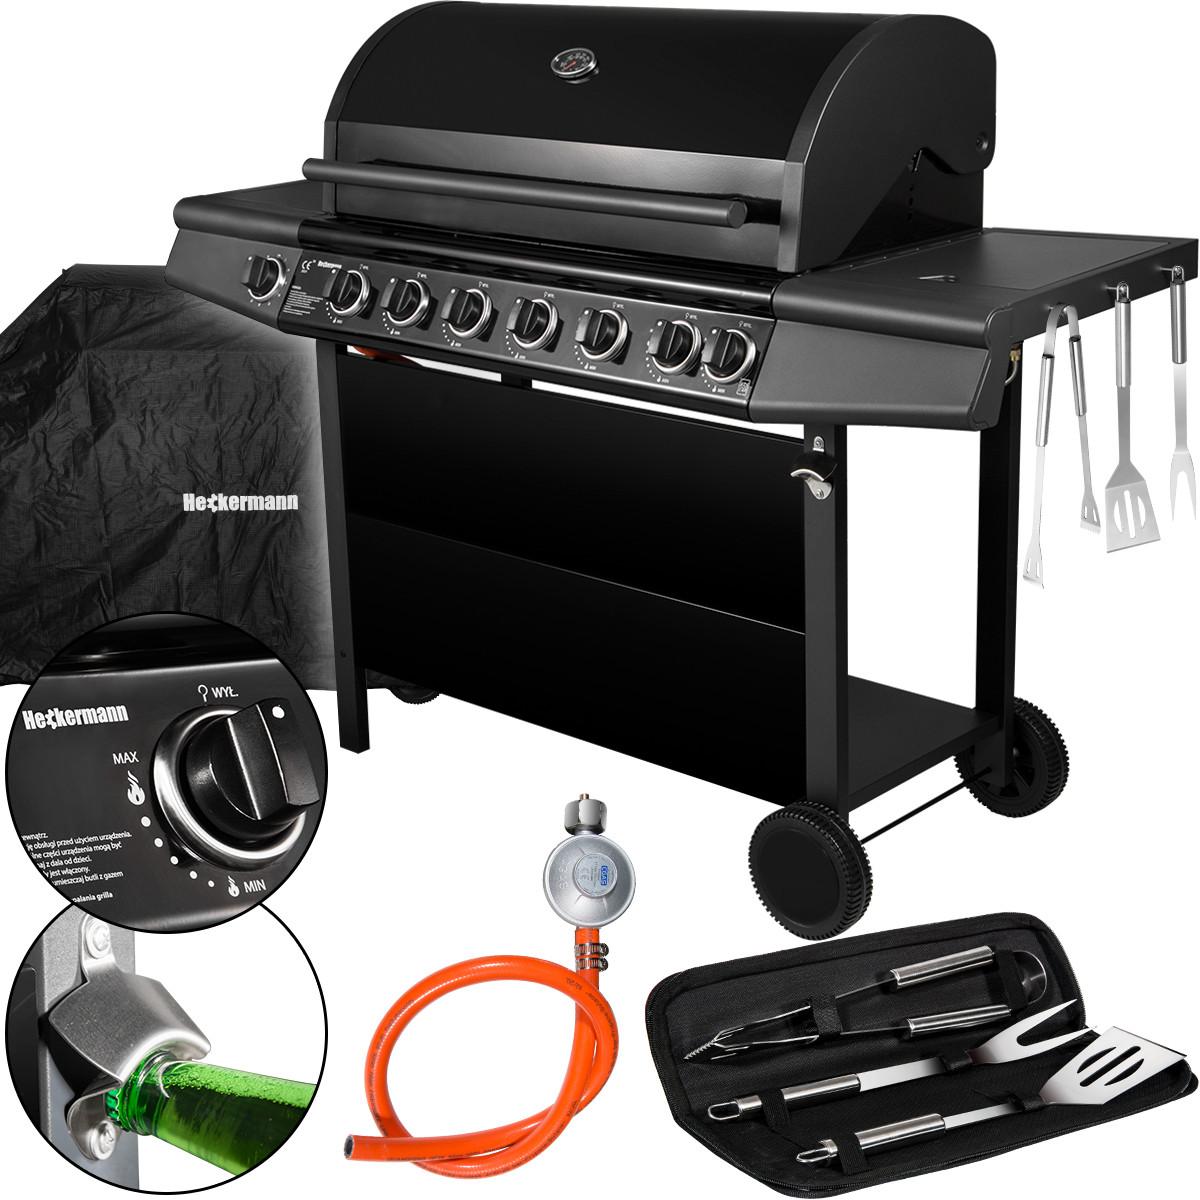 Grill gazowy, pokrowiec, akcesoria do grill, wężyk